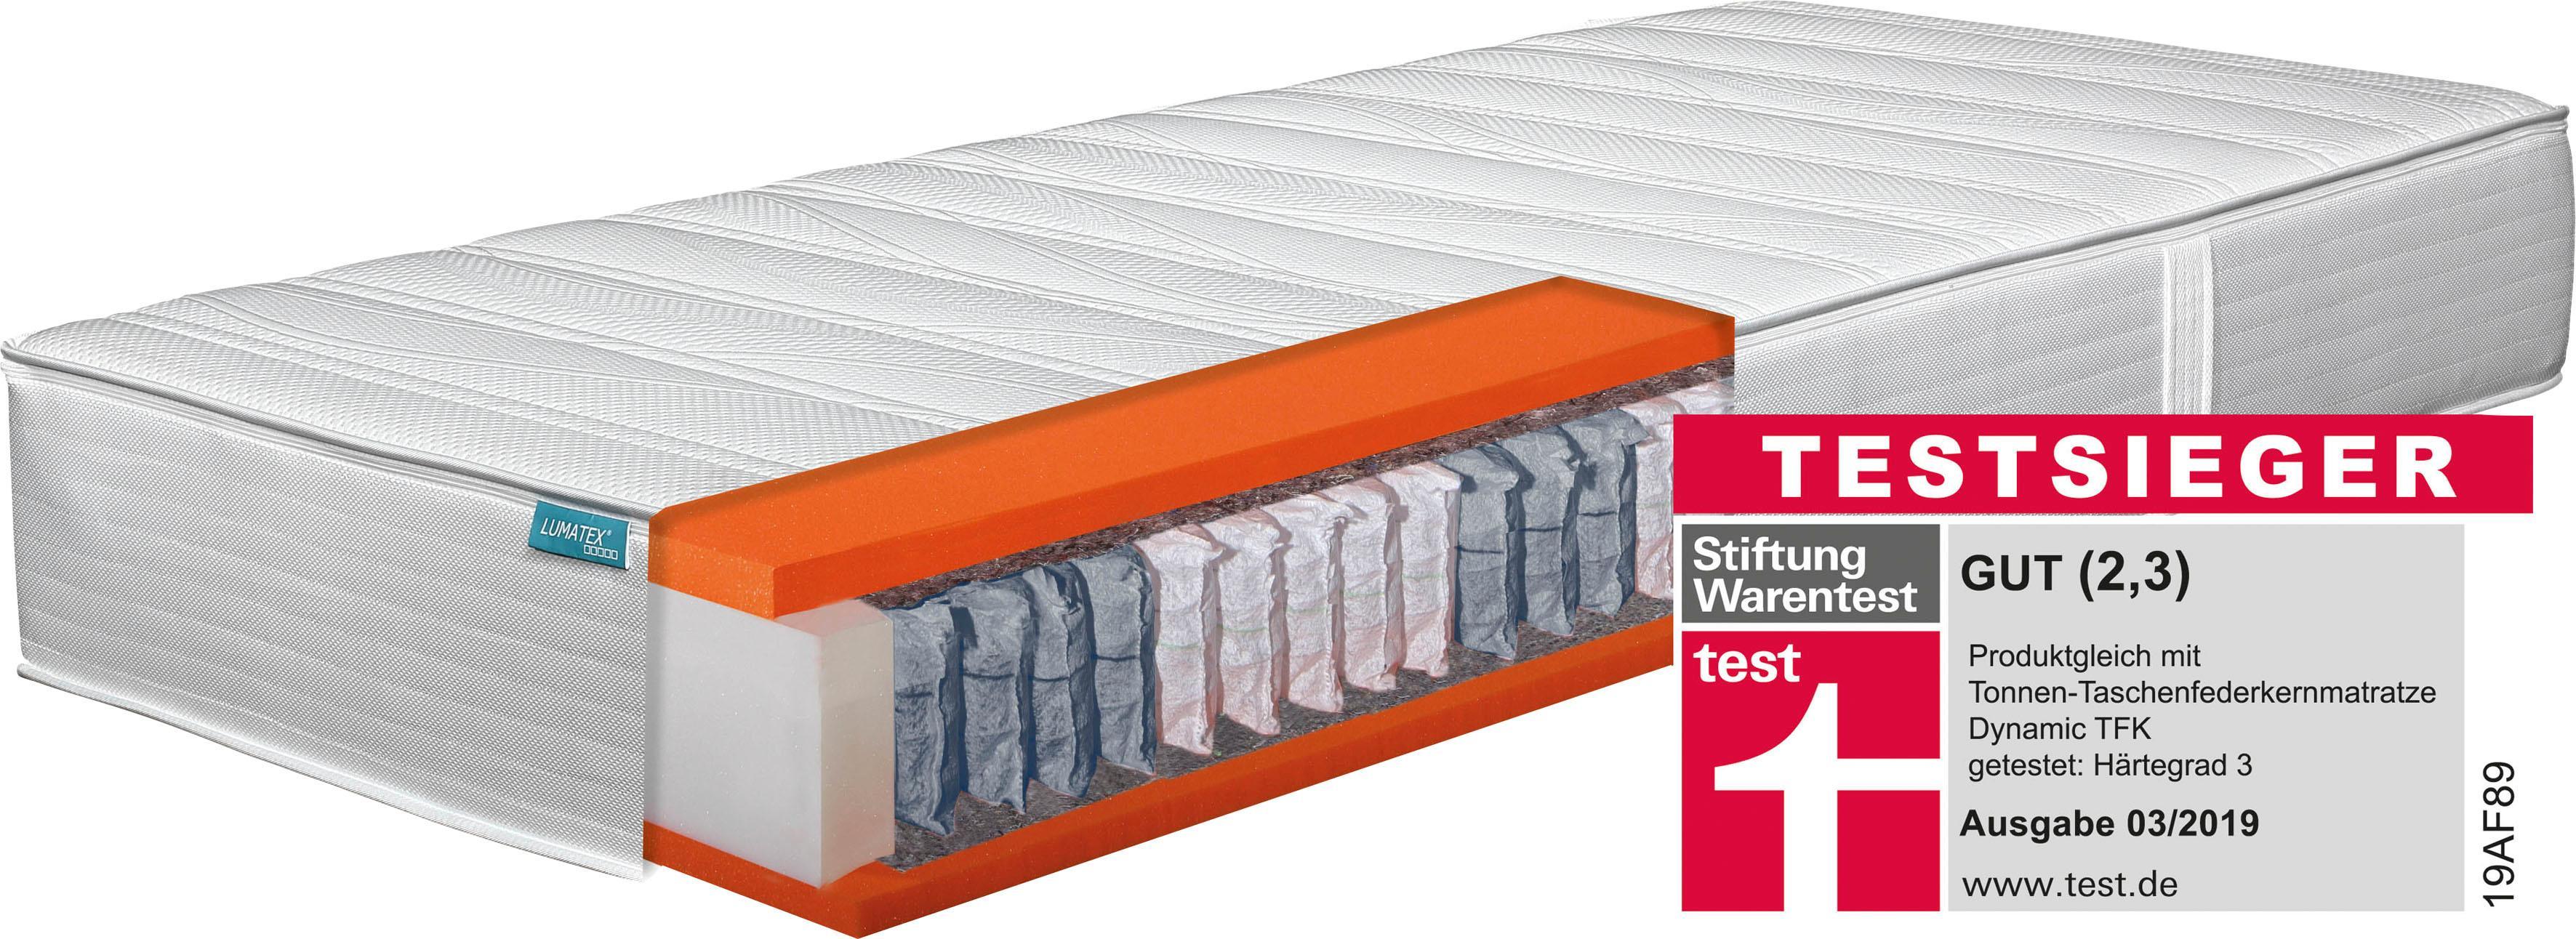 Boxspringmatratze Deluxe T-1600 Hn8 Schlafsysteme 25 cm hoch | Schlafzimmer > Matratzen > Boxspringmatratzen | Weiß | hn8 Schlafsysteme